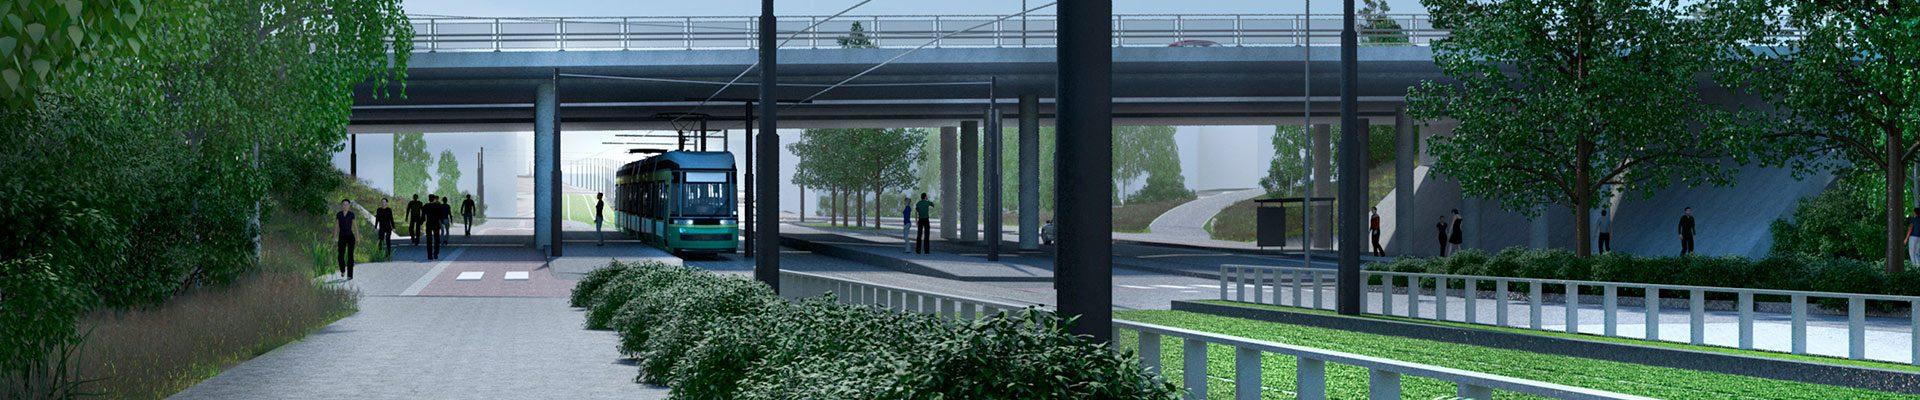 Raide-Jokeri on Helsingin Itäkeskuksen ja Espoon Keilaniemen välille rakennettava pikaraitiolinja.